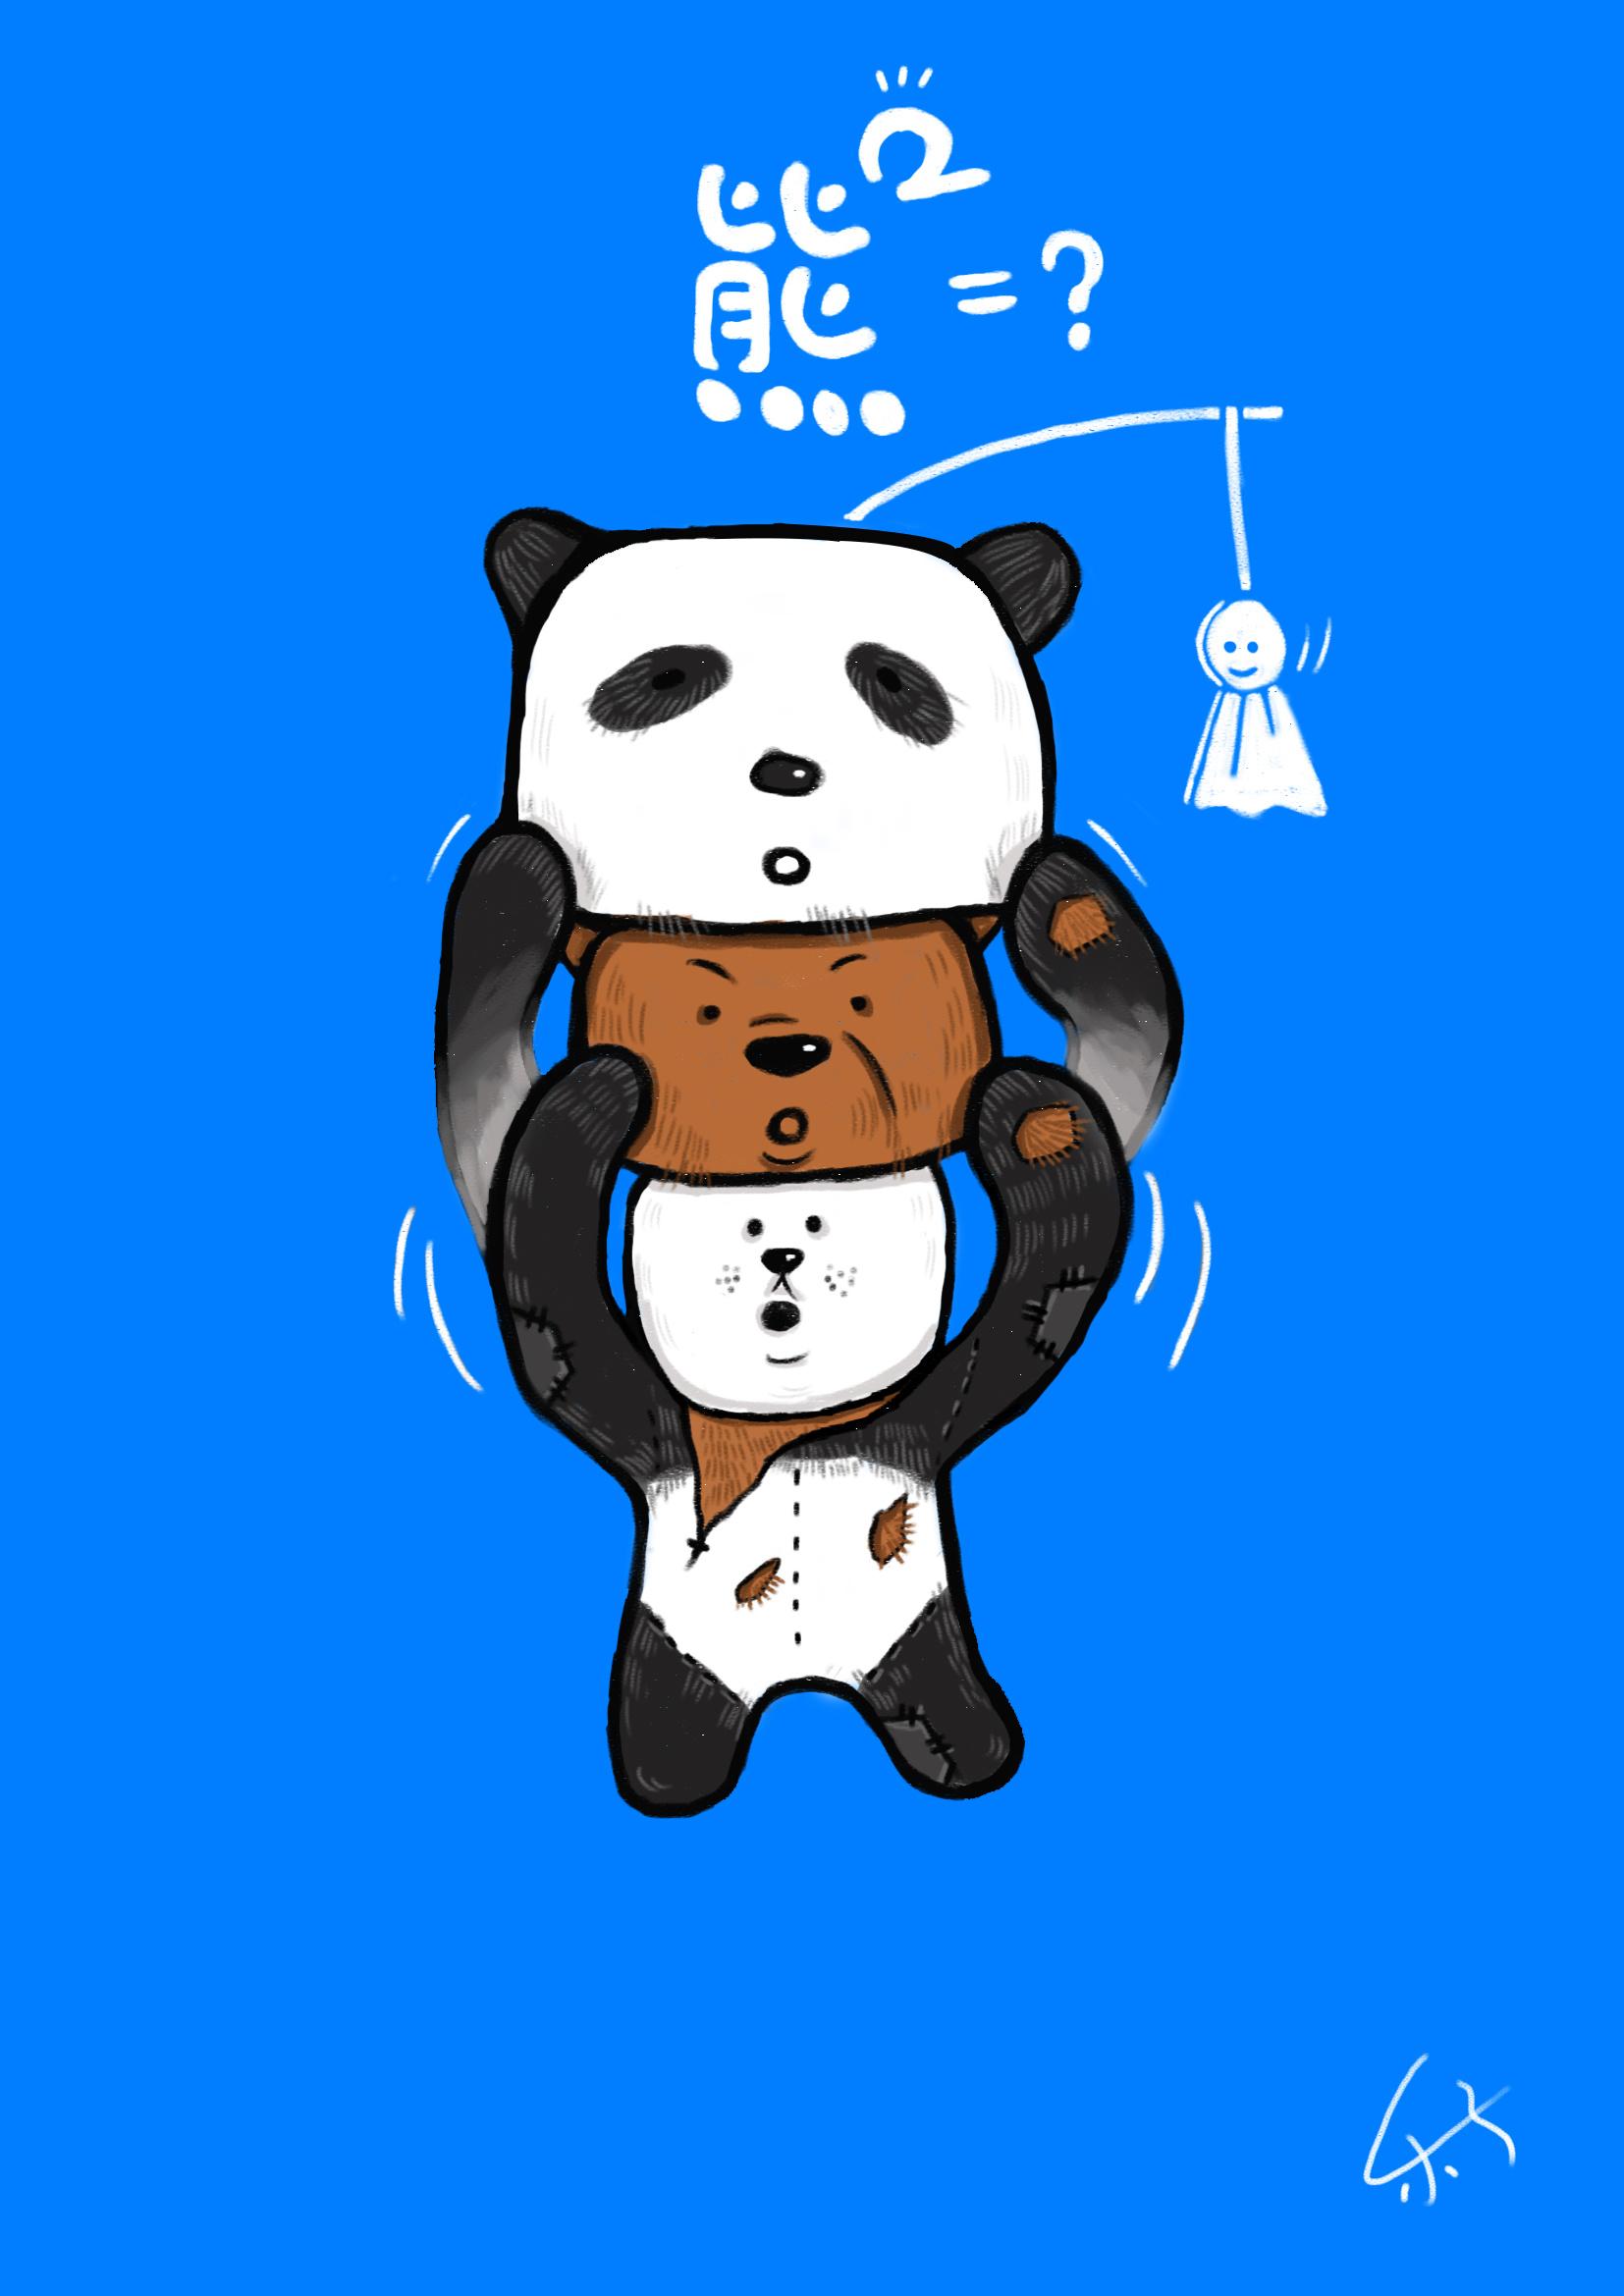 二哈卡通手绘图